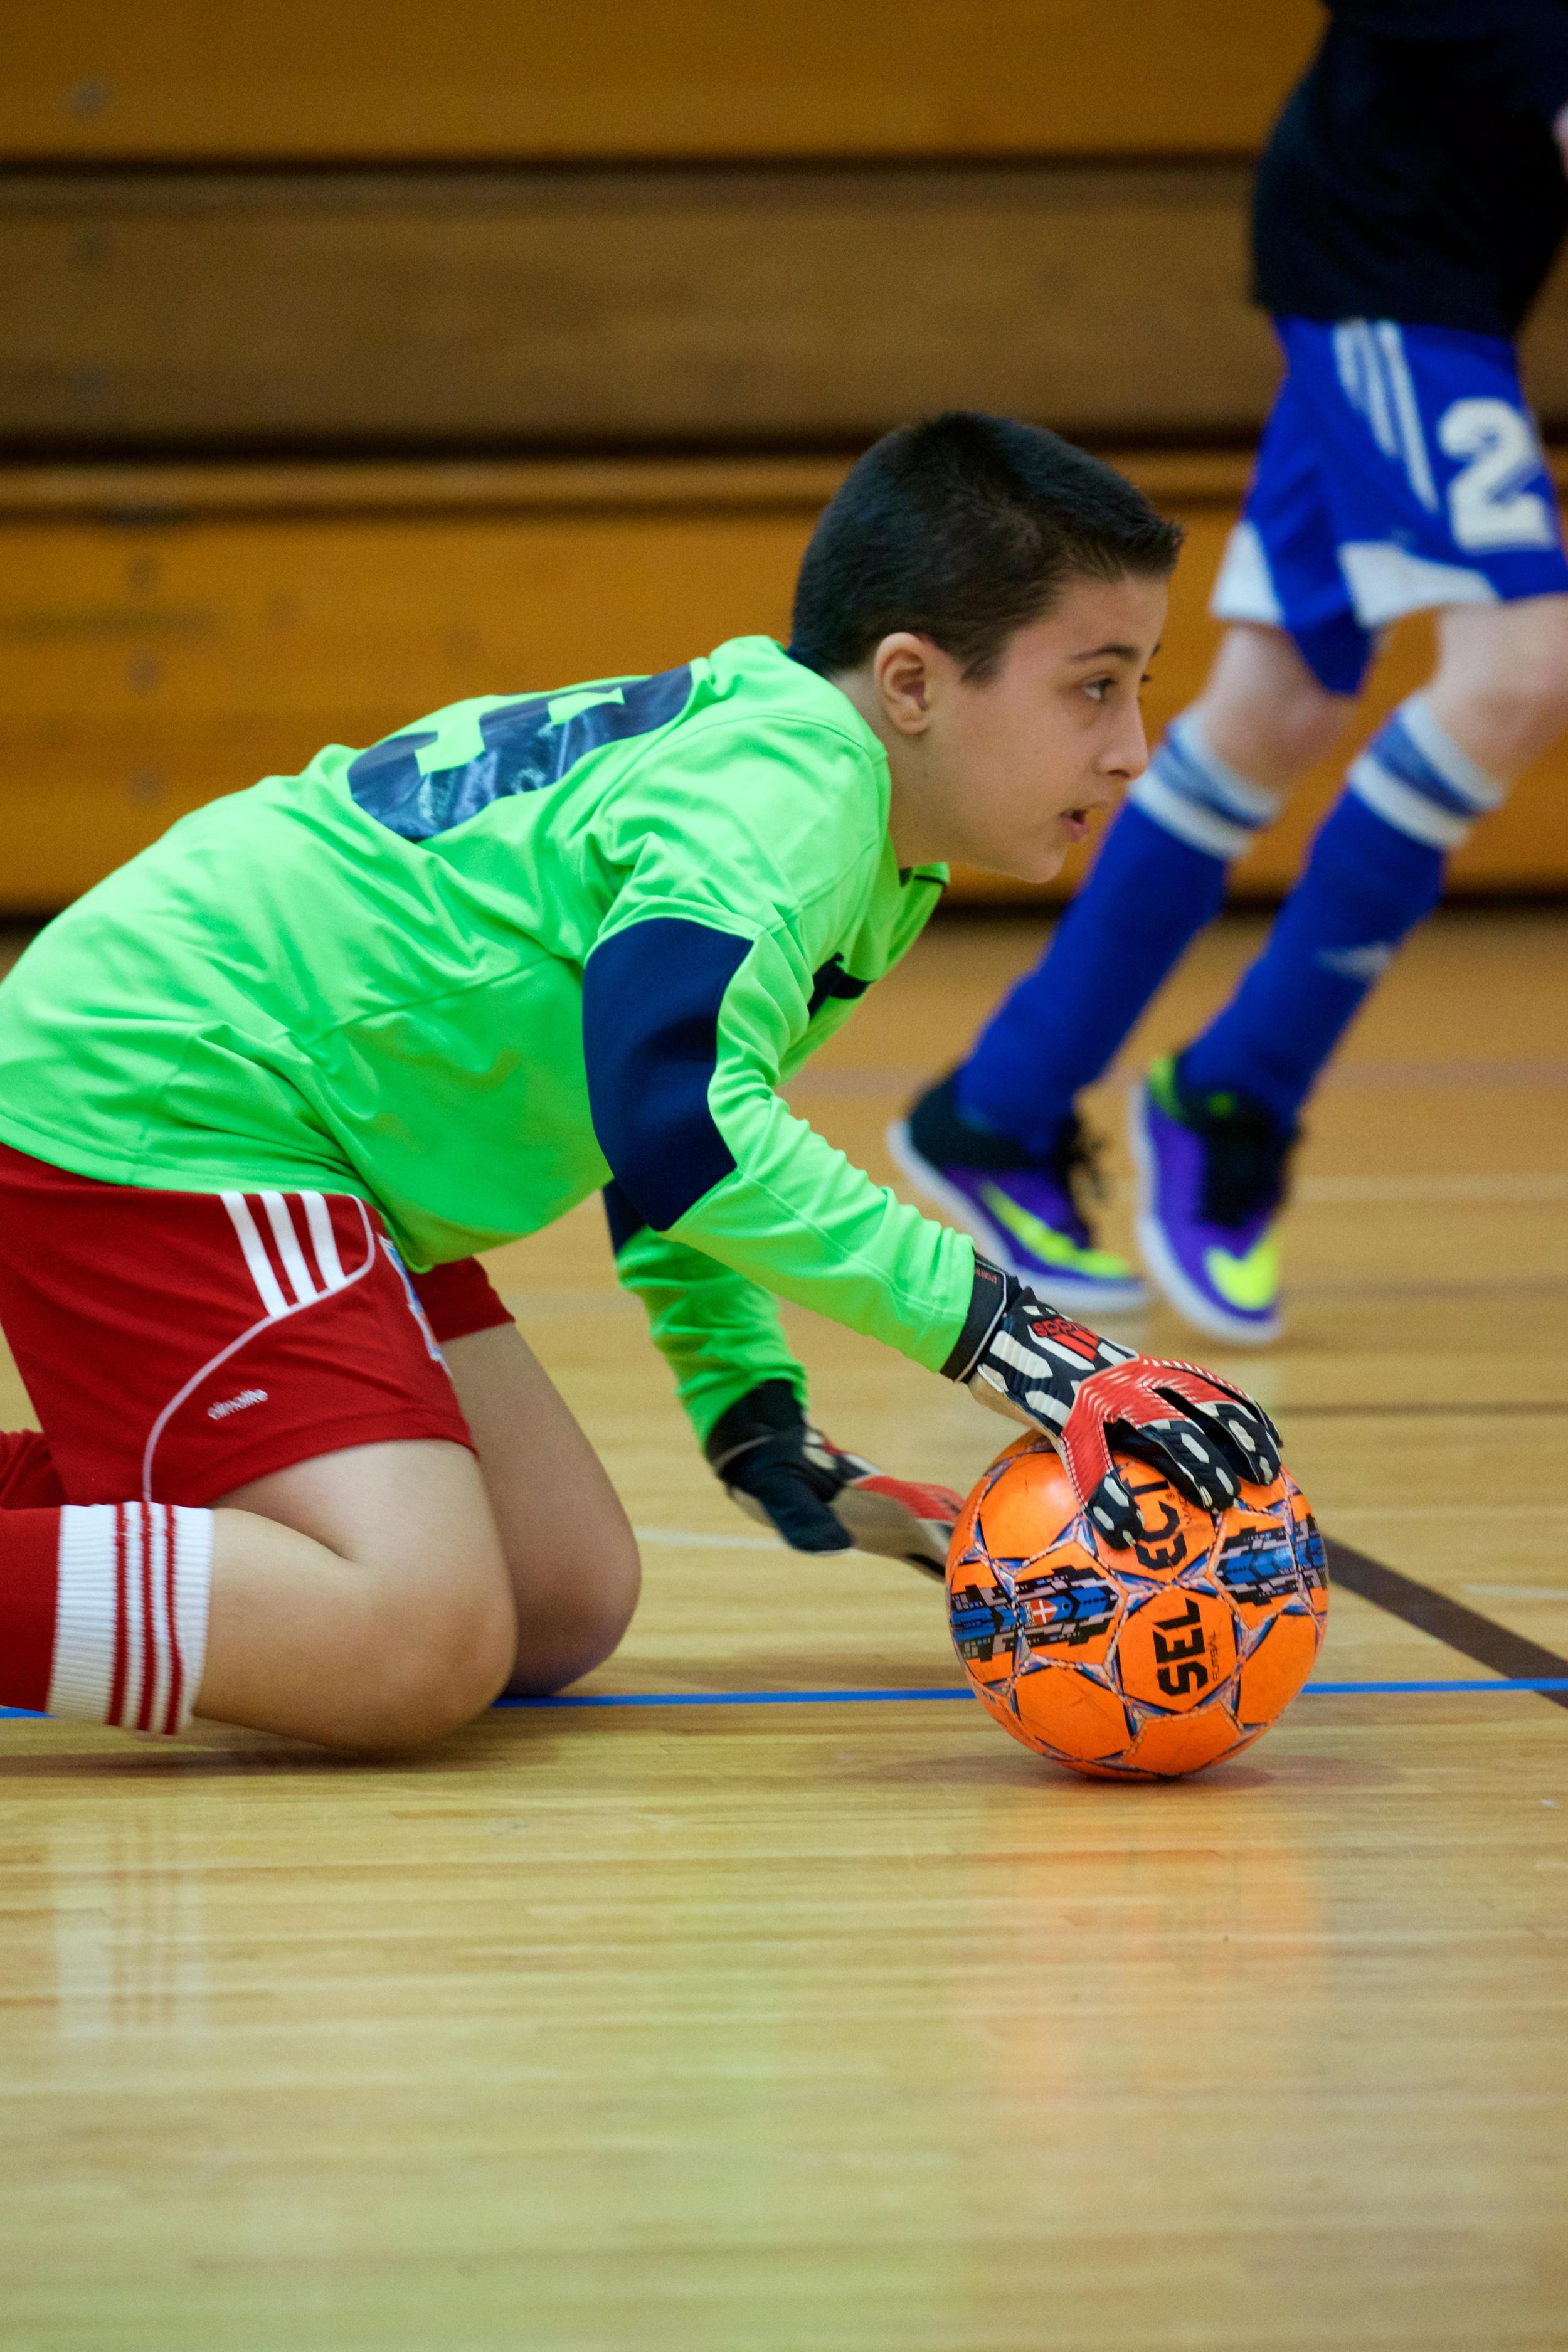 soccer 2 (30 of 31).jpg